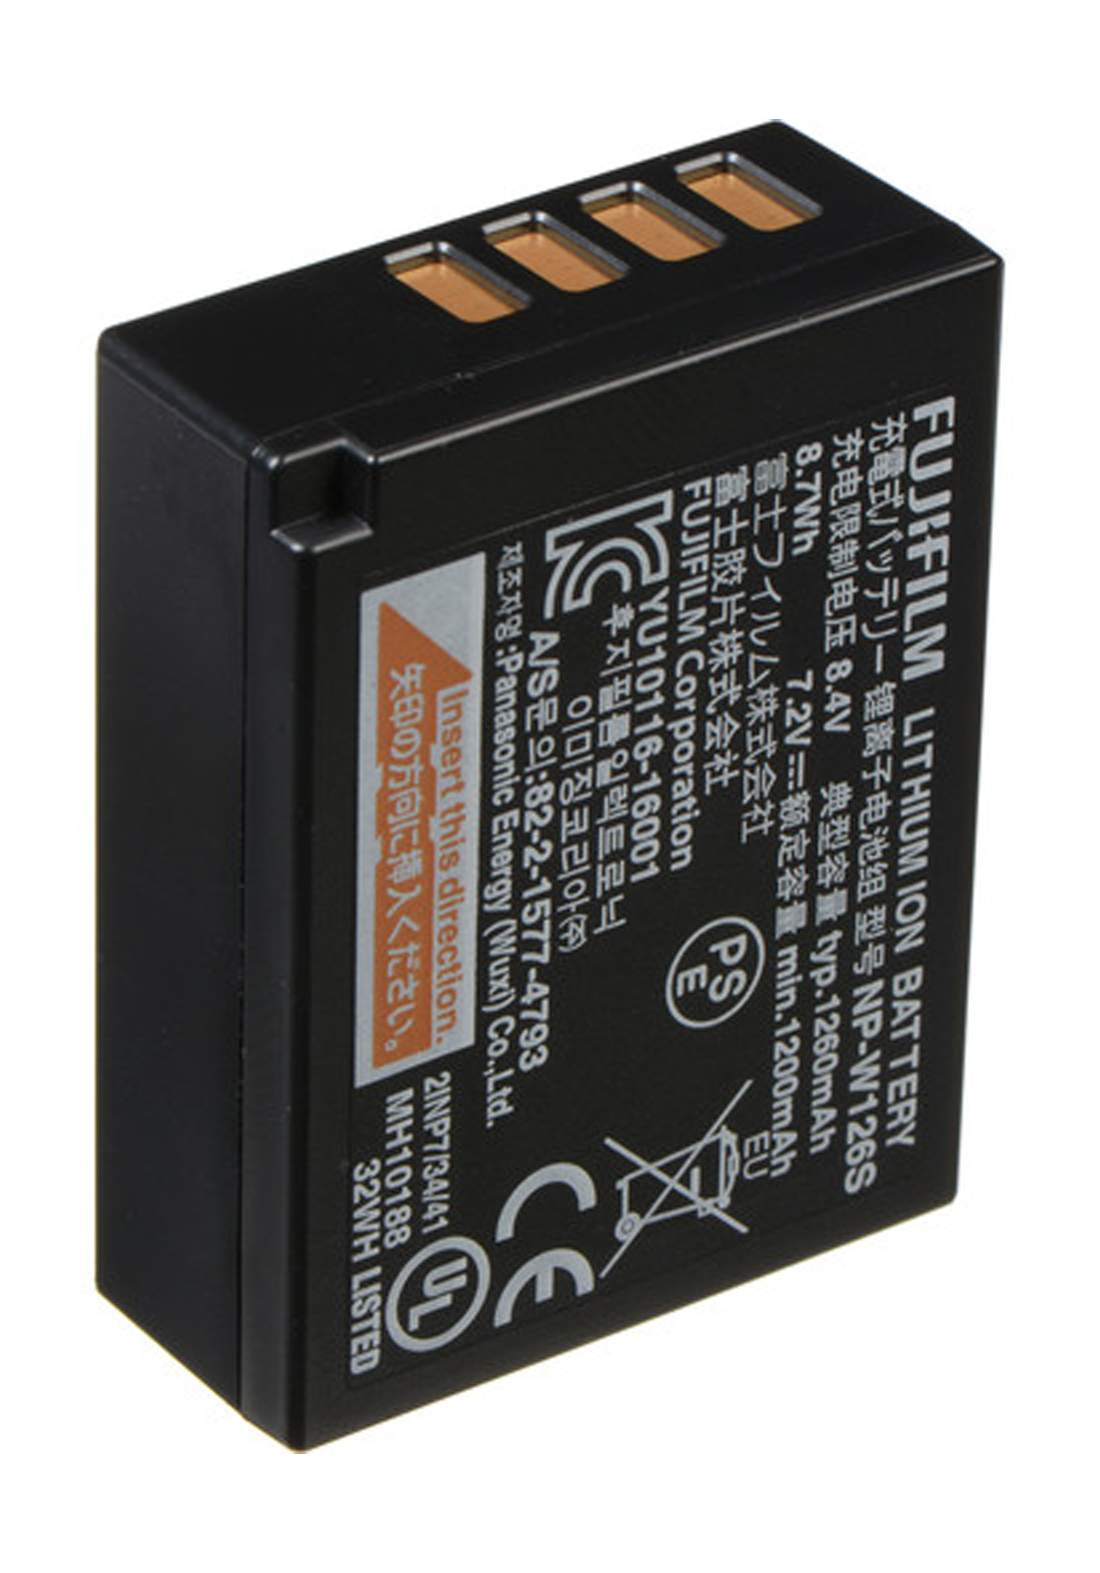 Fujifilm NP-W126S  (X-T3) Li-Ion Battery Pack - Black  بطارية كاميرا